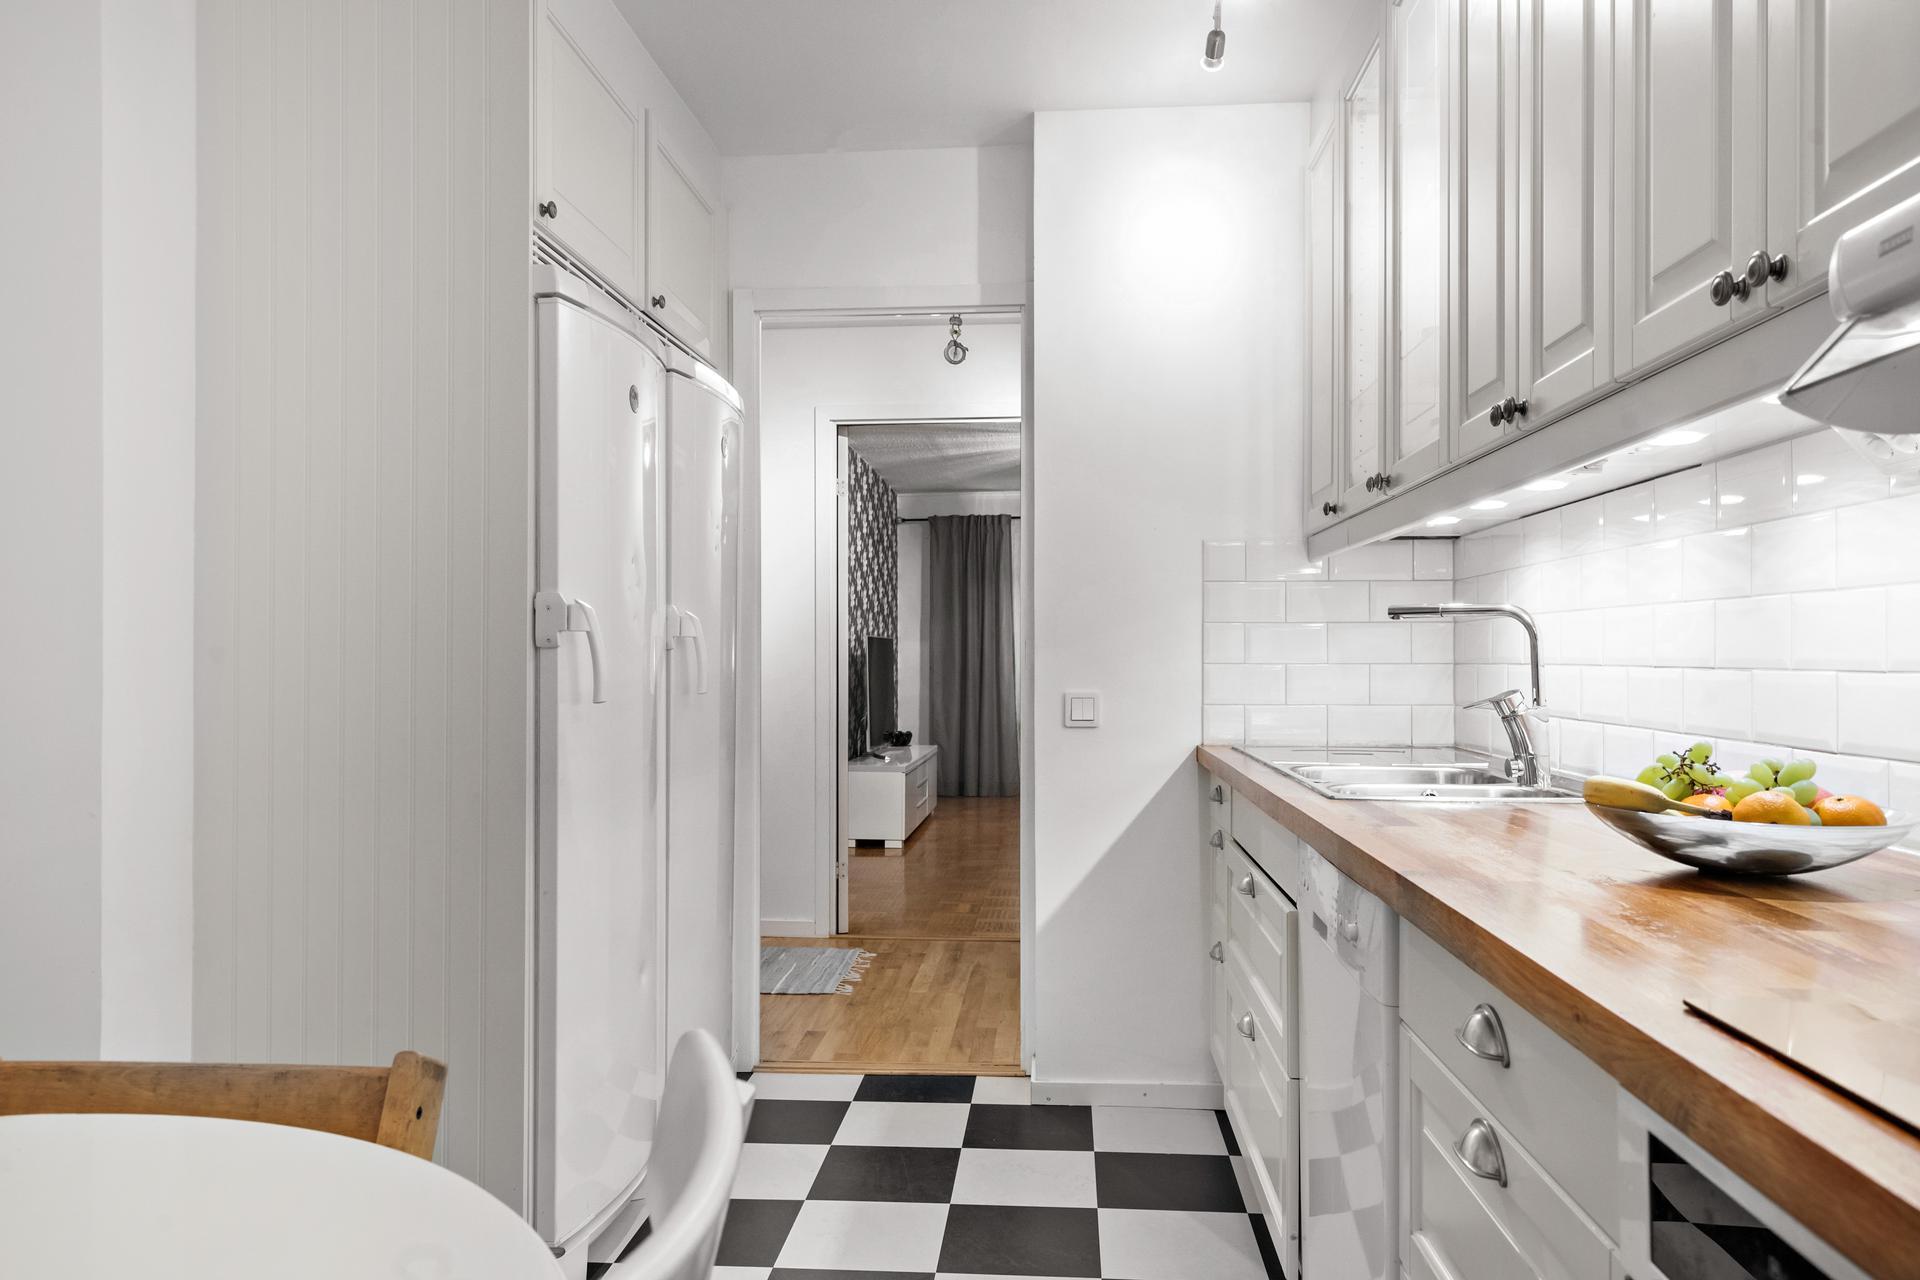 Det moderna köket med lantliga toner och en super-modern linoliummatta i schakrutigt mönster